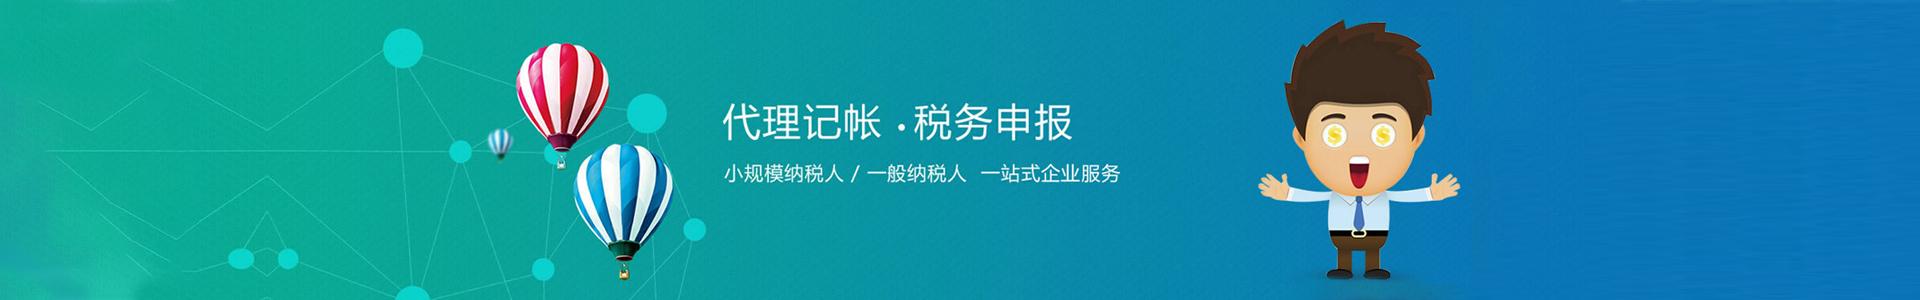 http://www.www.www.jxxpsy.cn/data/upload/202001/20200113172140_852.jpg